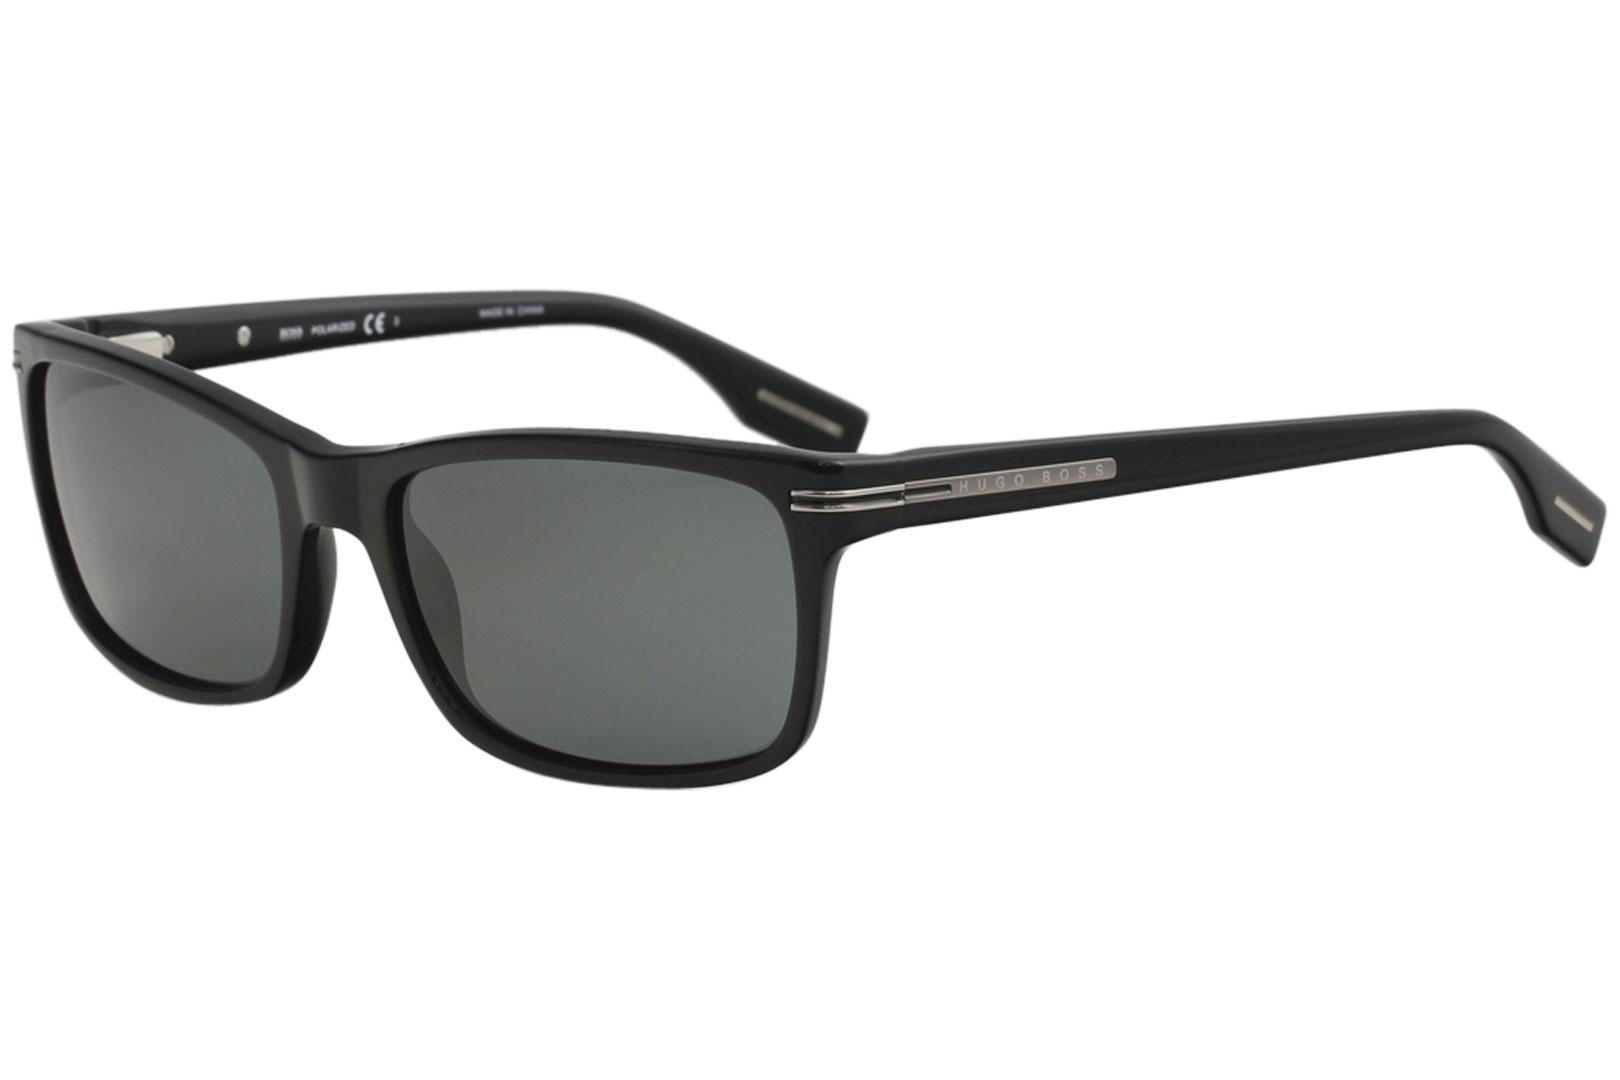 b28970e5d Hugo Boss Men s 0319 S 0319S 807 RA Black Polarized Sunglasses 56mm by Hugo  Boss